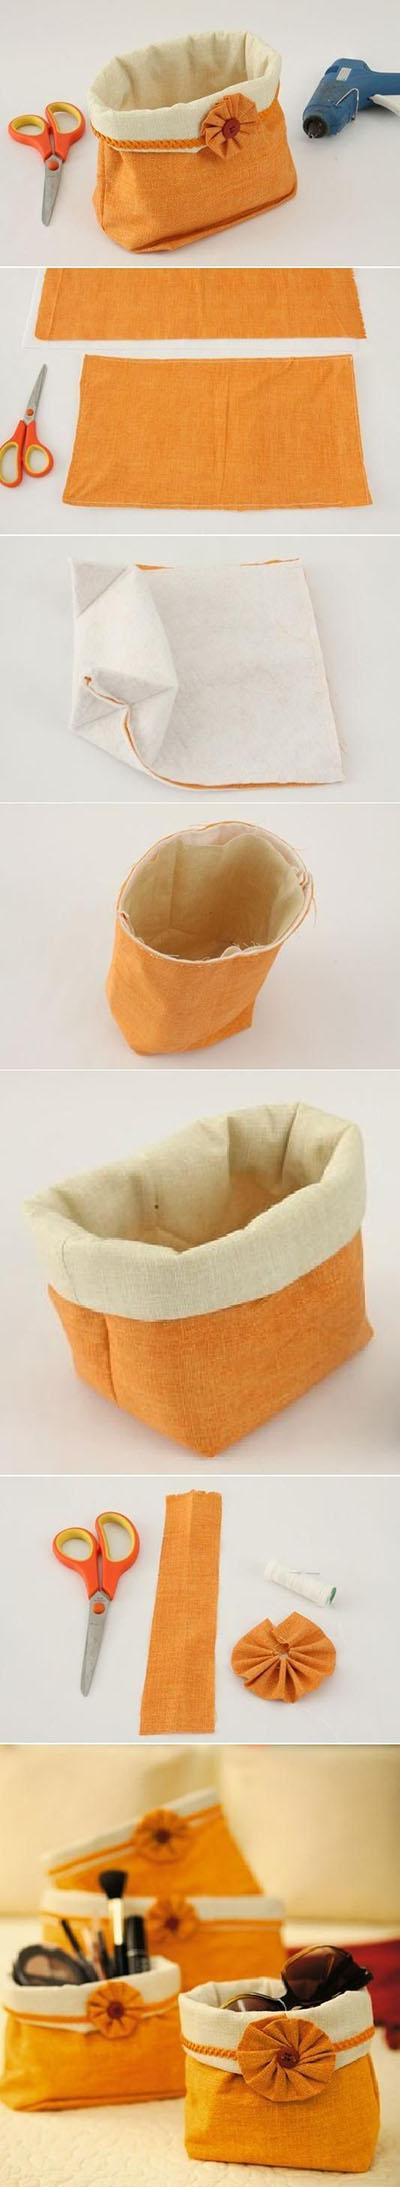 14 DIY Charming Handbag d948a65